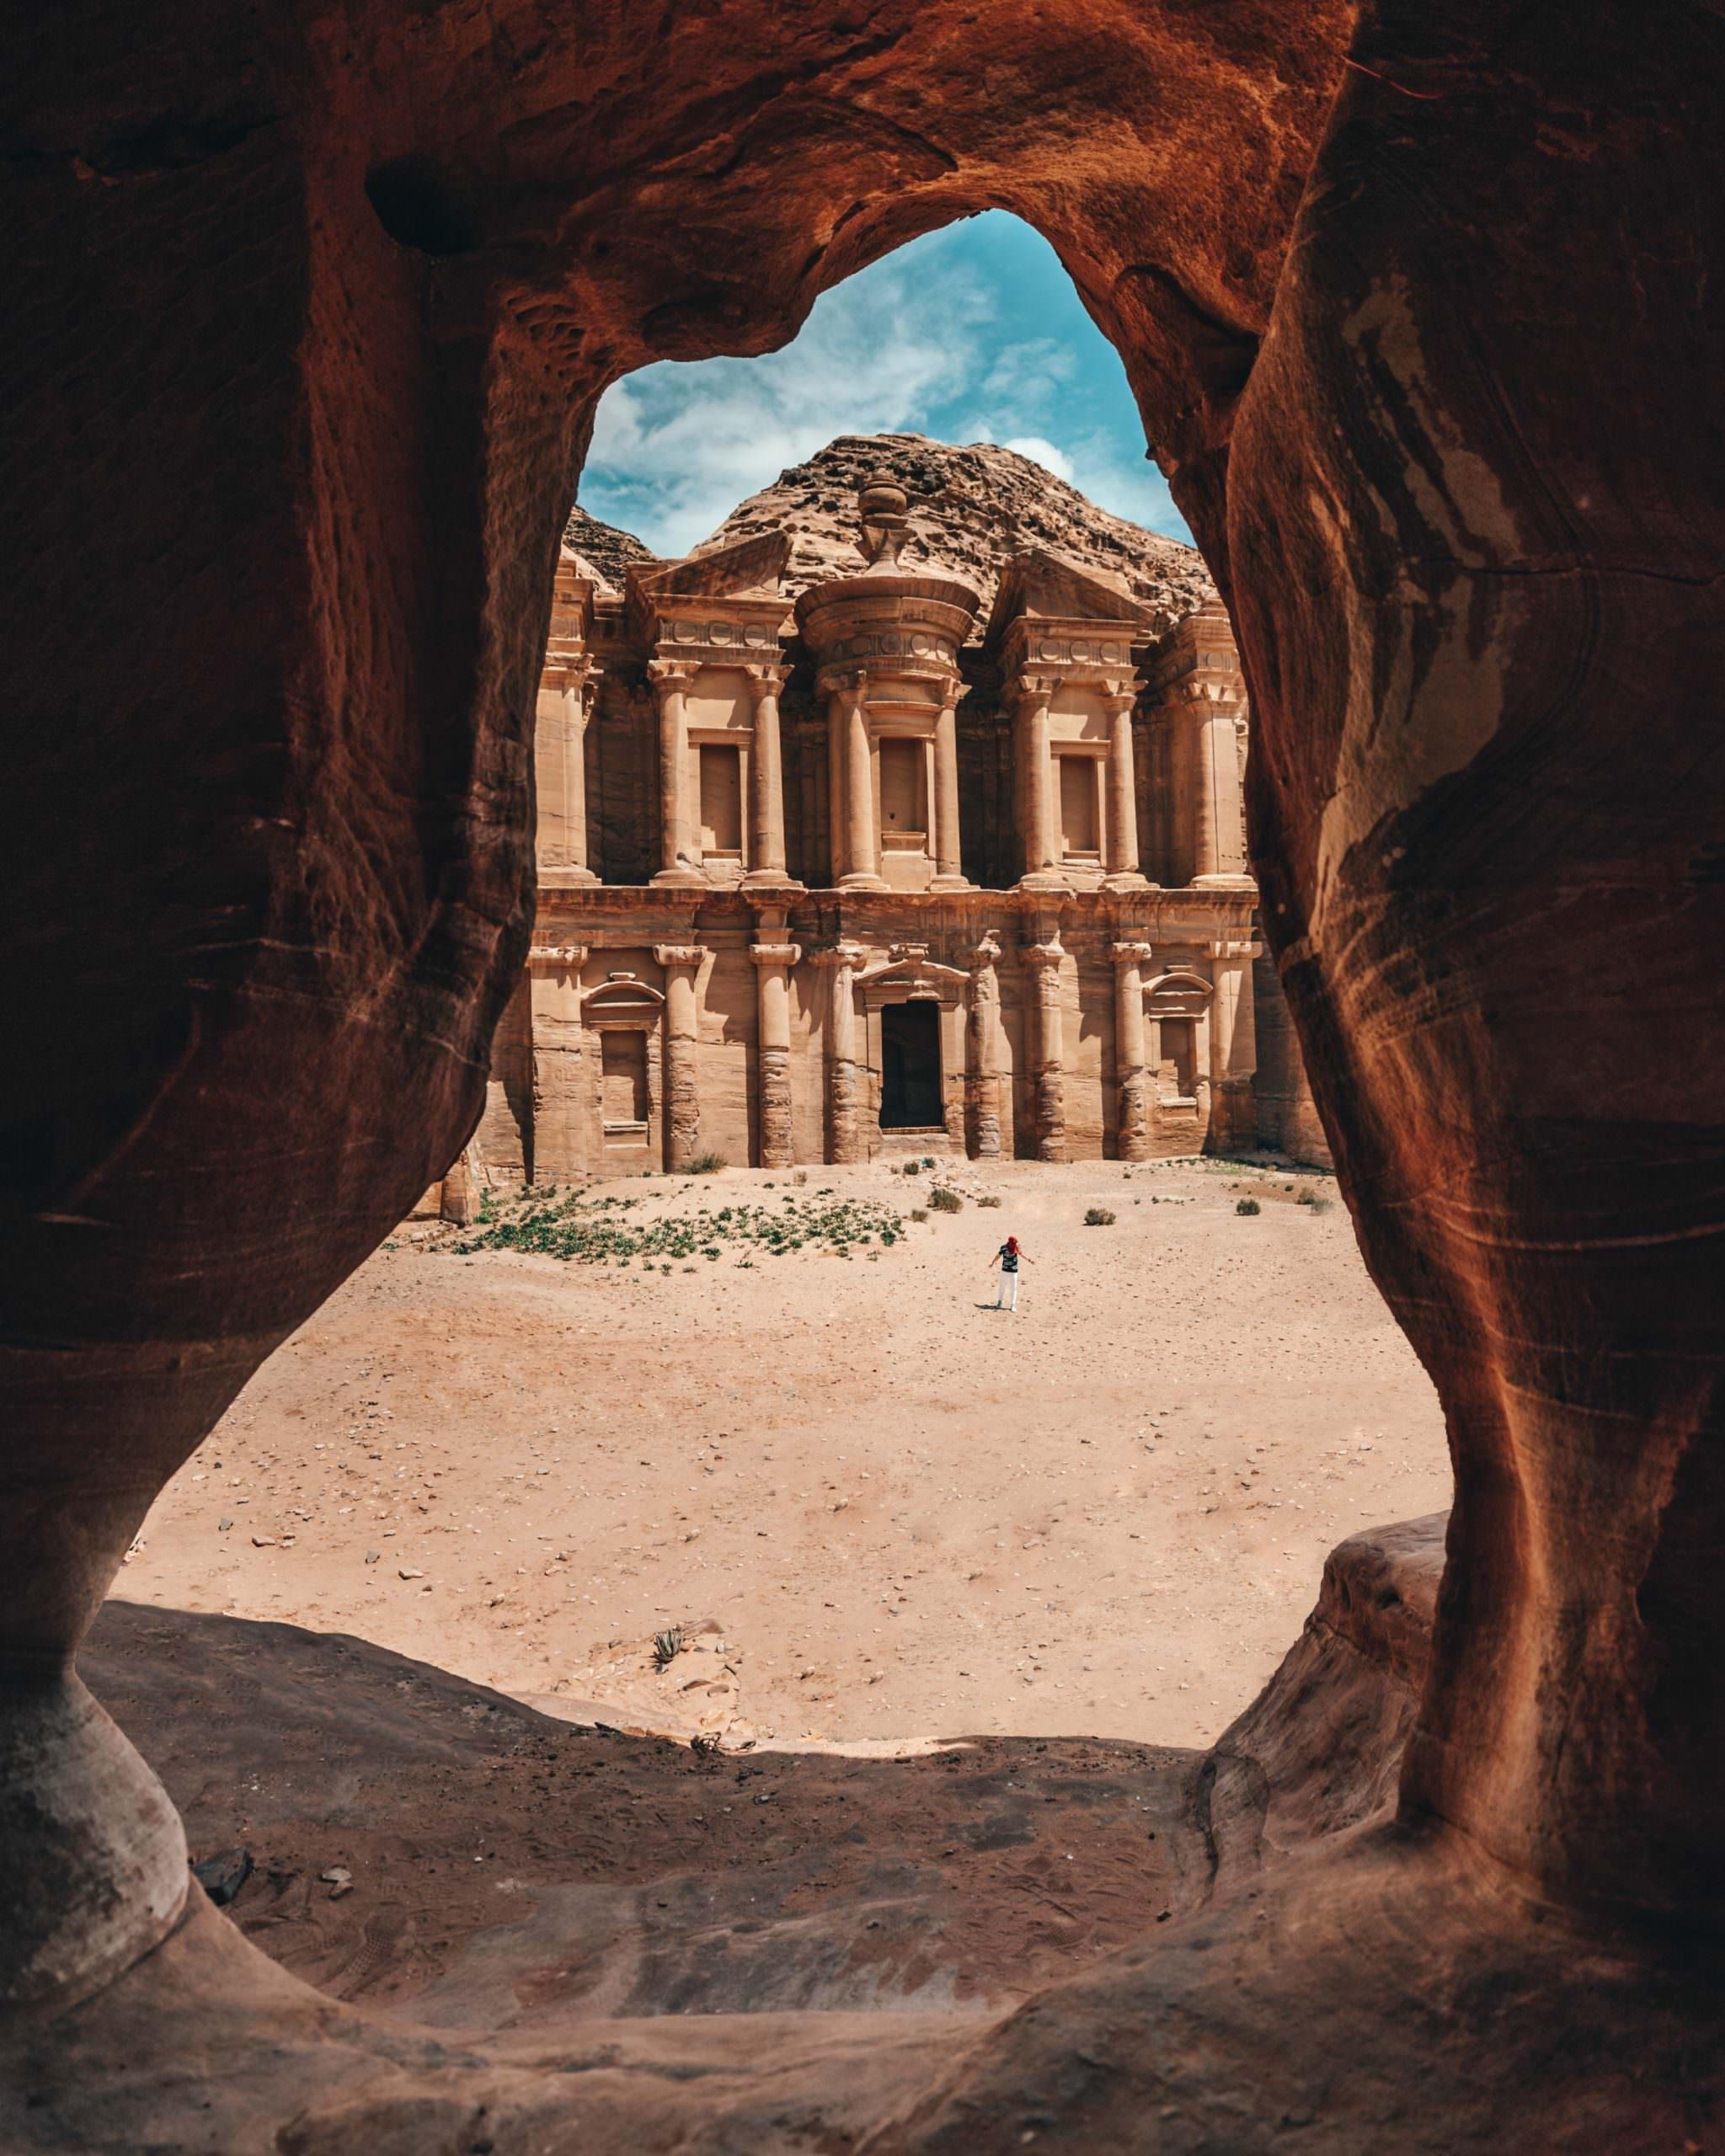 أفضل الأماكن التي يمكنك زيارتها في الأردن